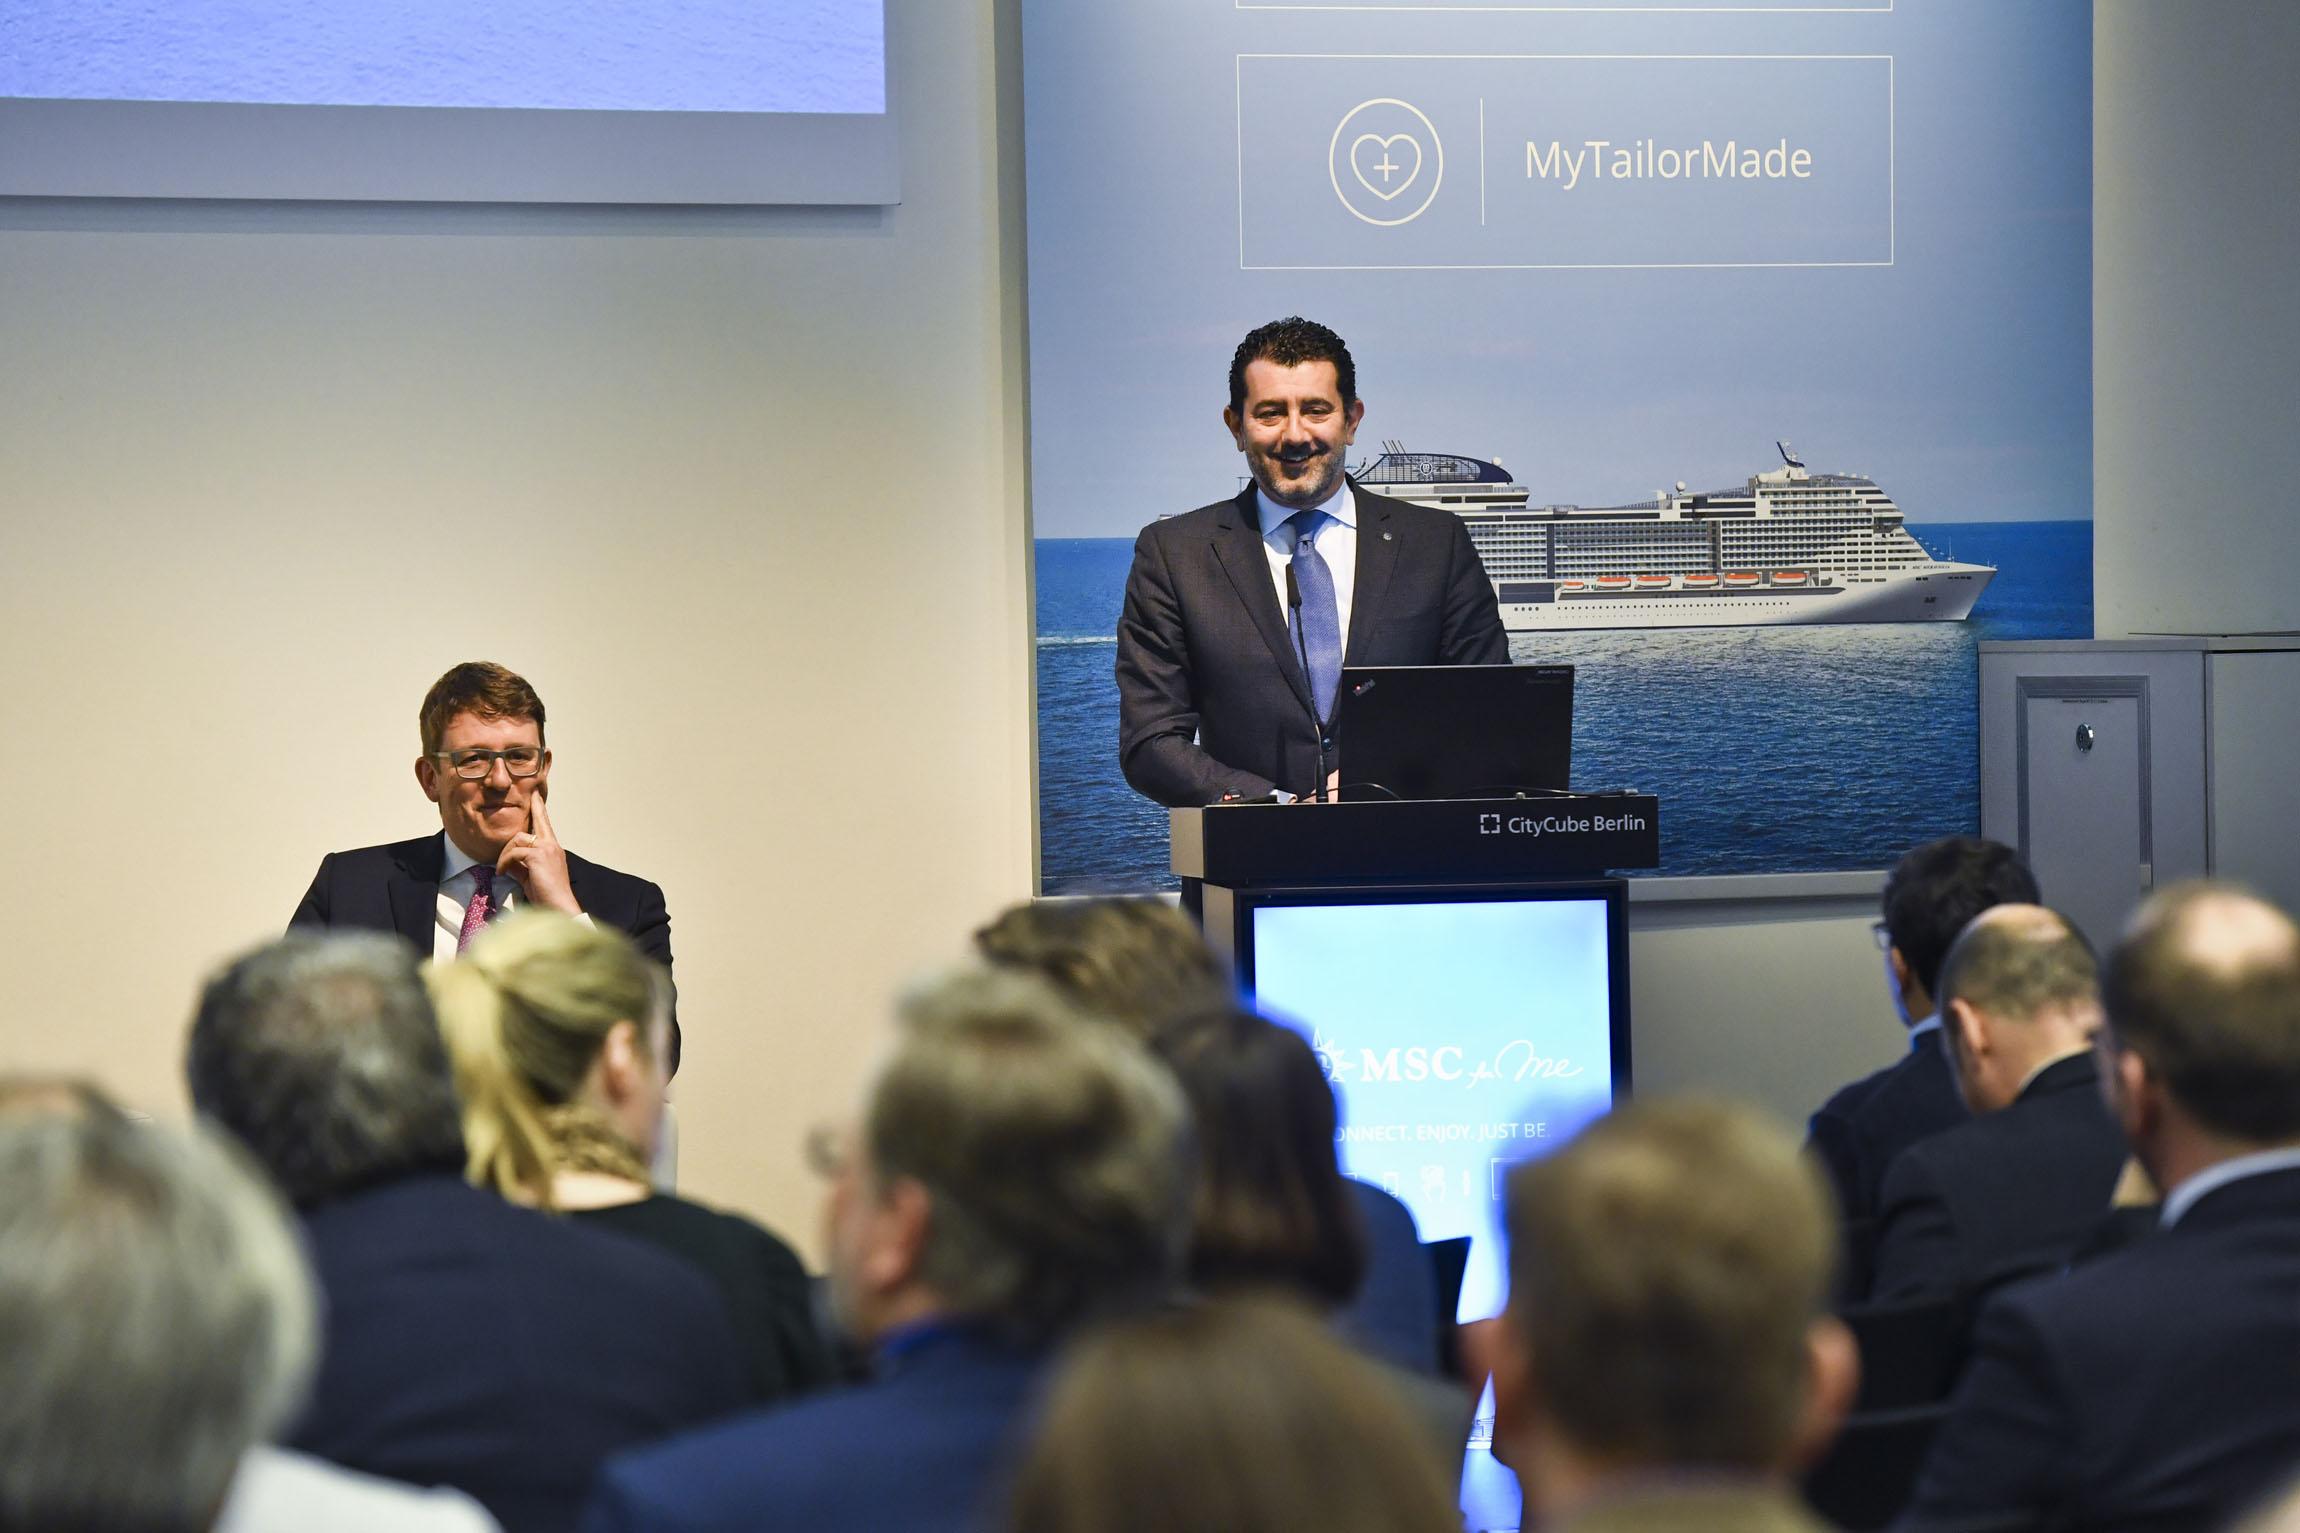 MSC-Chef Gianni Onorato bei der Pressekonferenz während der ITB in Berlin Foto: MSC Cruises